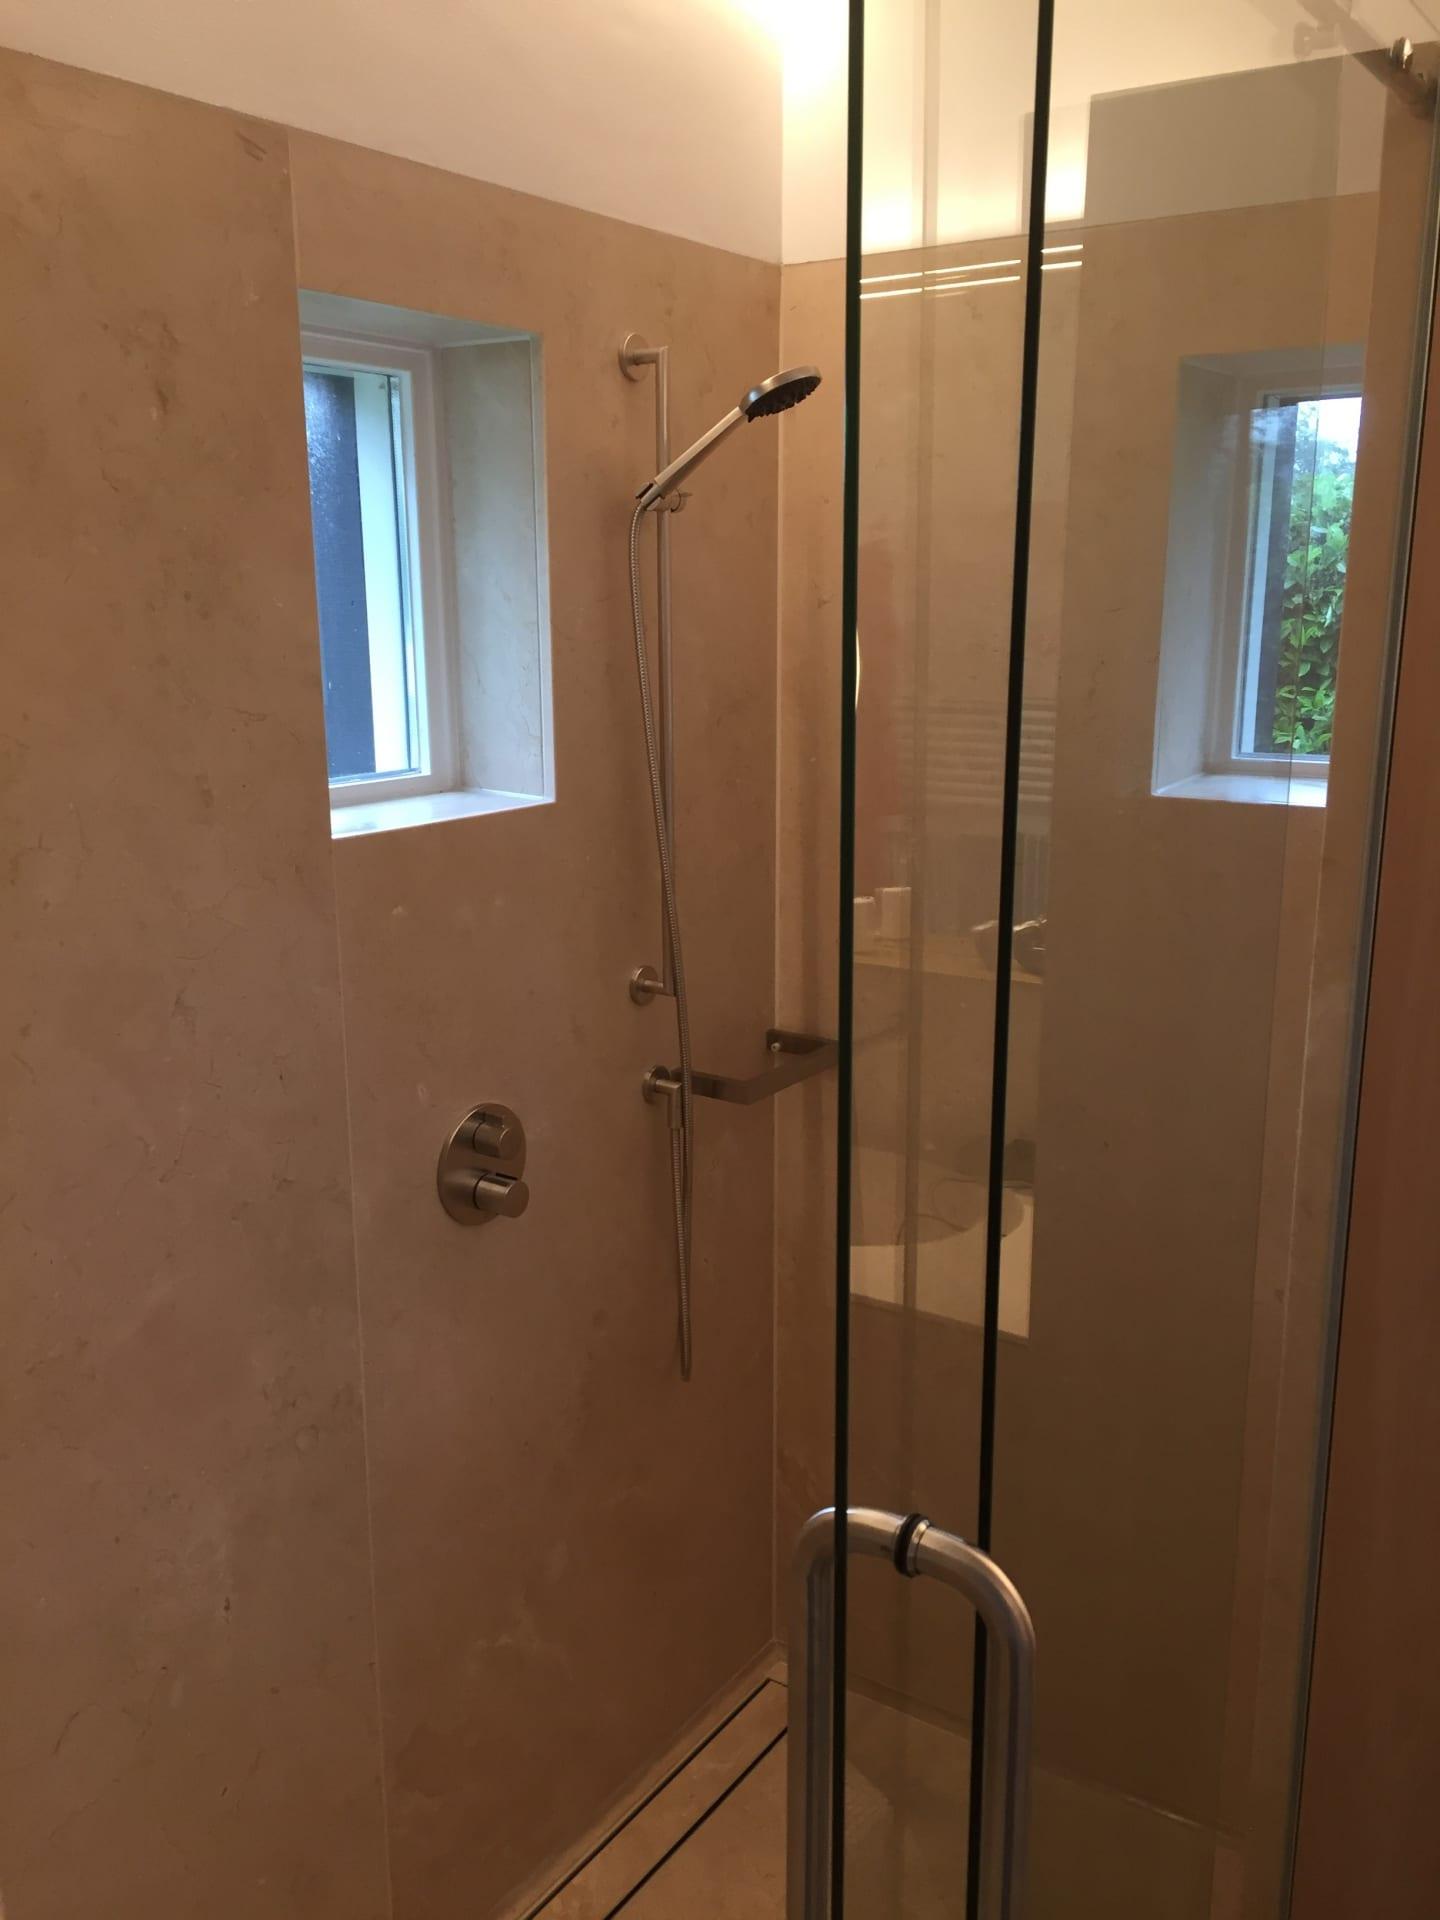 EERNEWOUDE – Badkamer en toilet in Crema Marfil